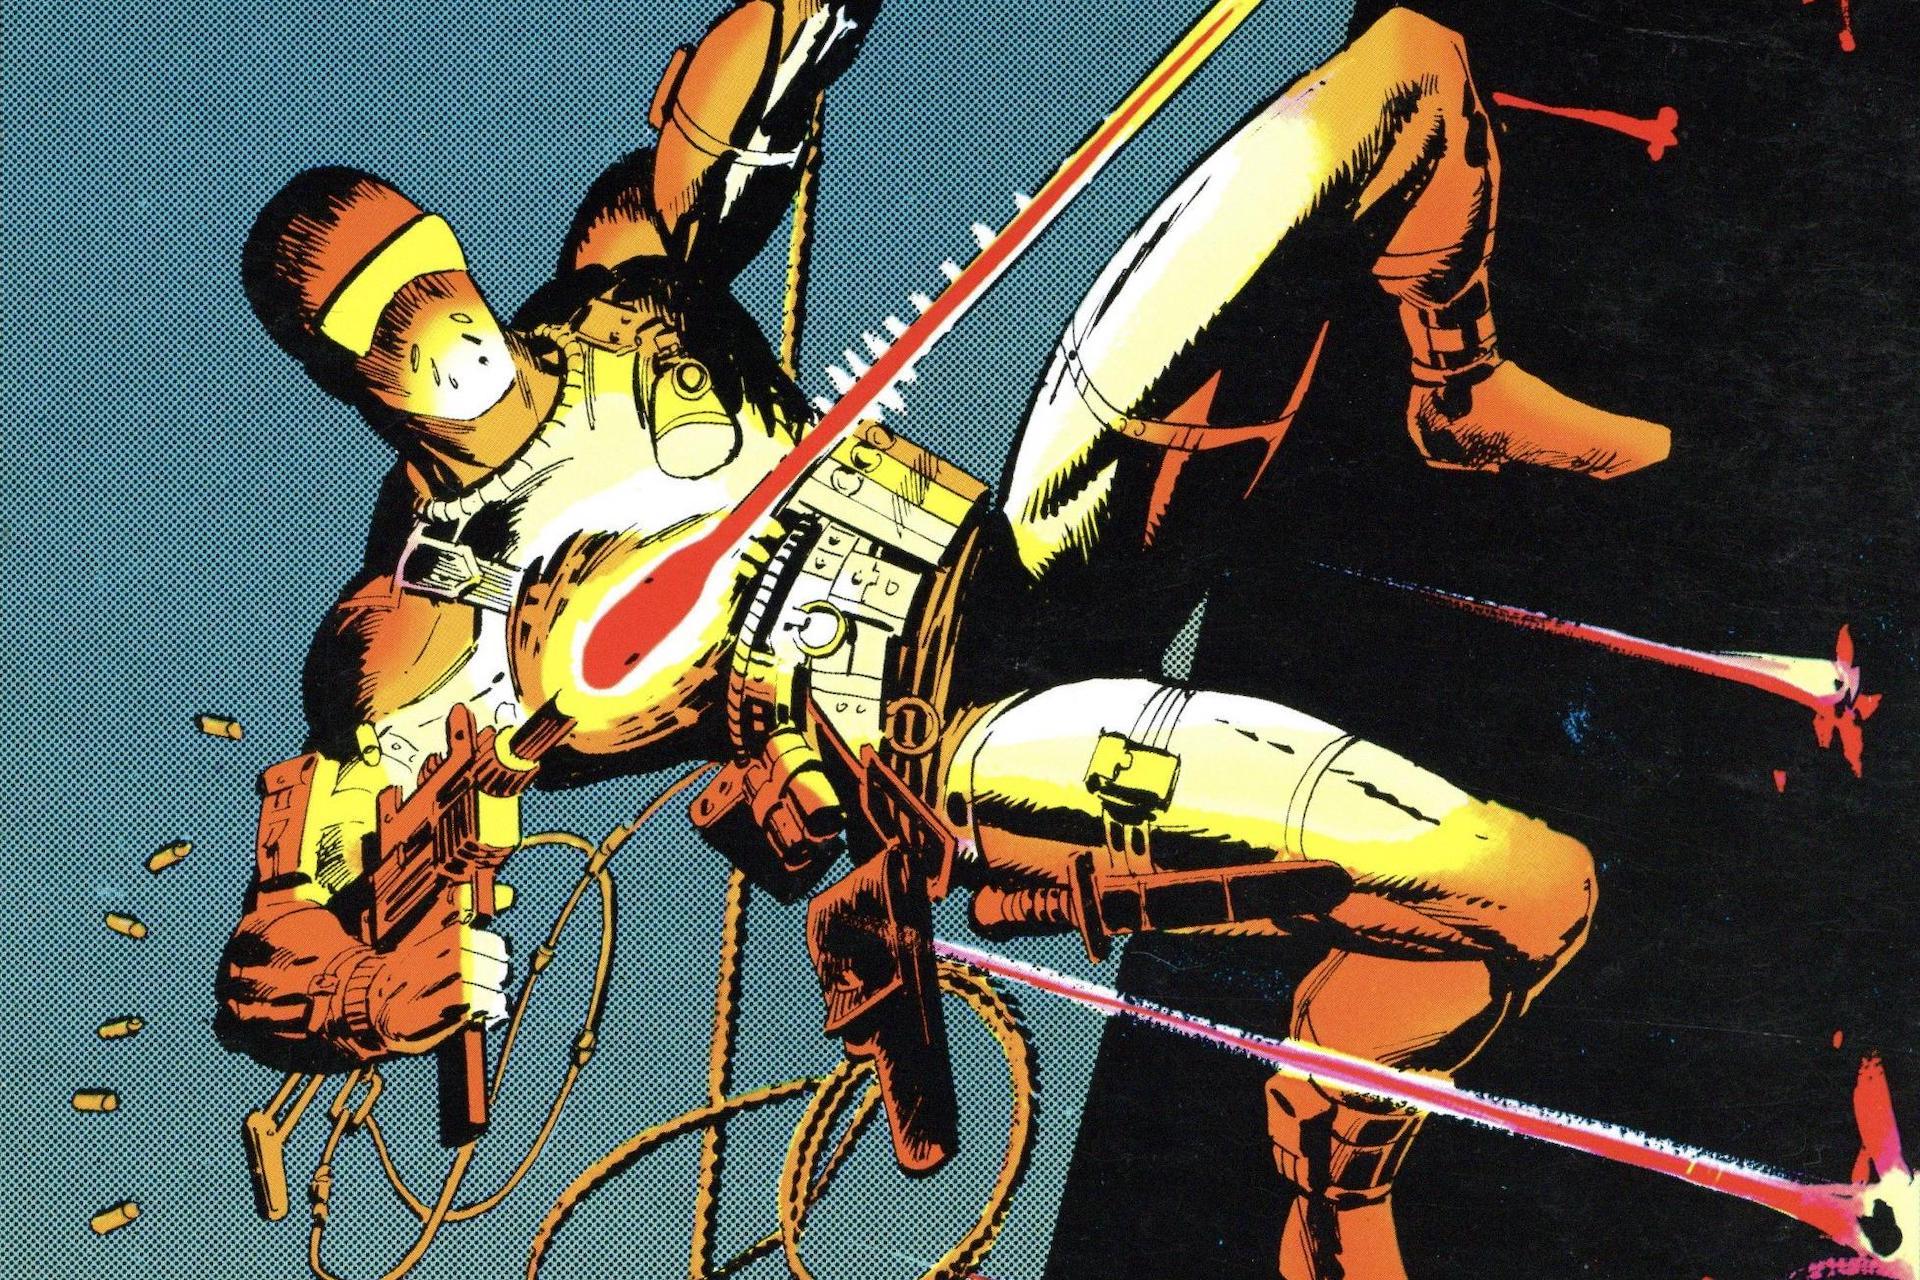 Snake Eyes fires a gun on the cover of Marvel's GI Joe #21